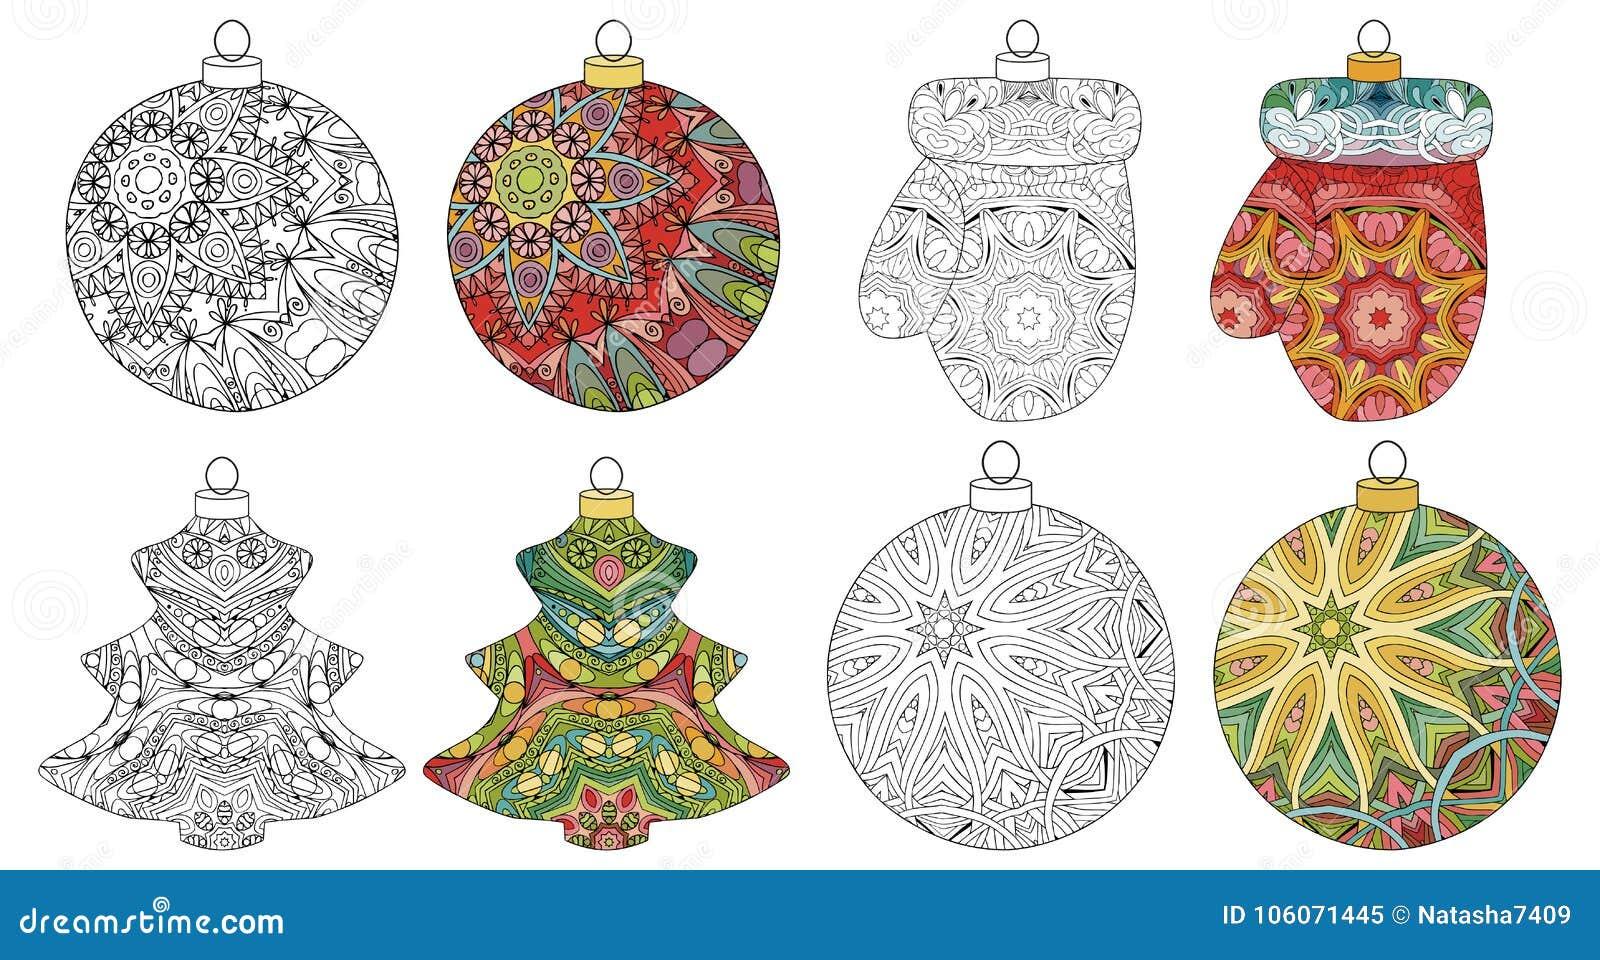 Immagini Natalizie Stilizzate.Insieme Delle Decorazioni Stilizzate Di Natale Dello Zentangle